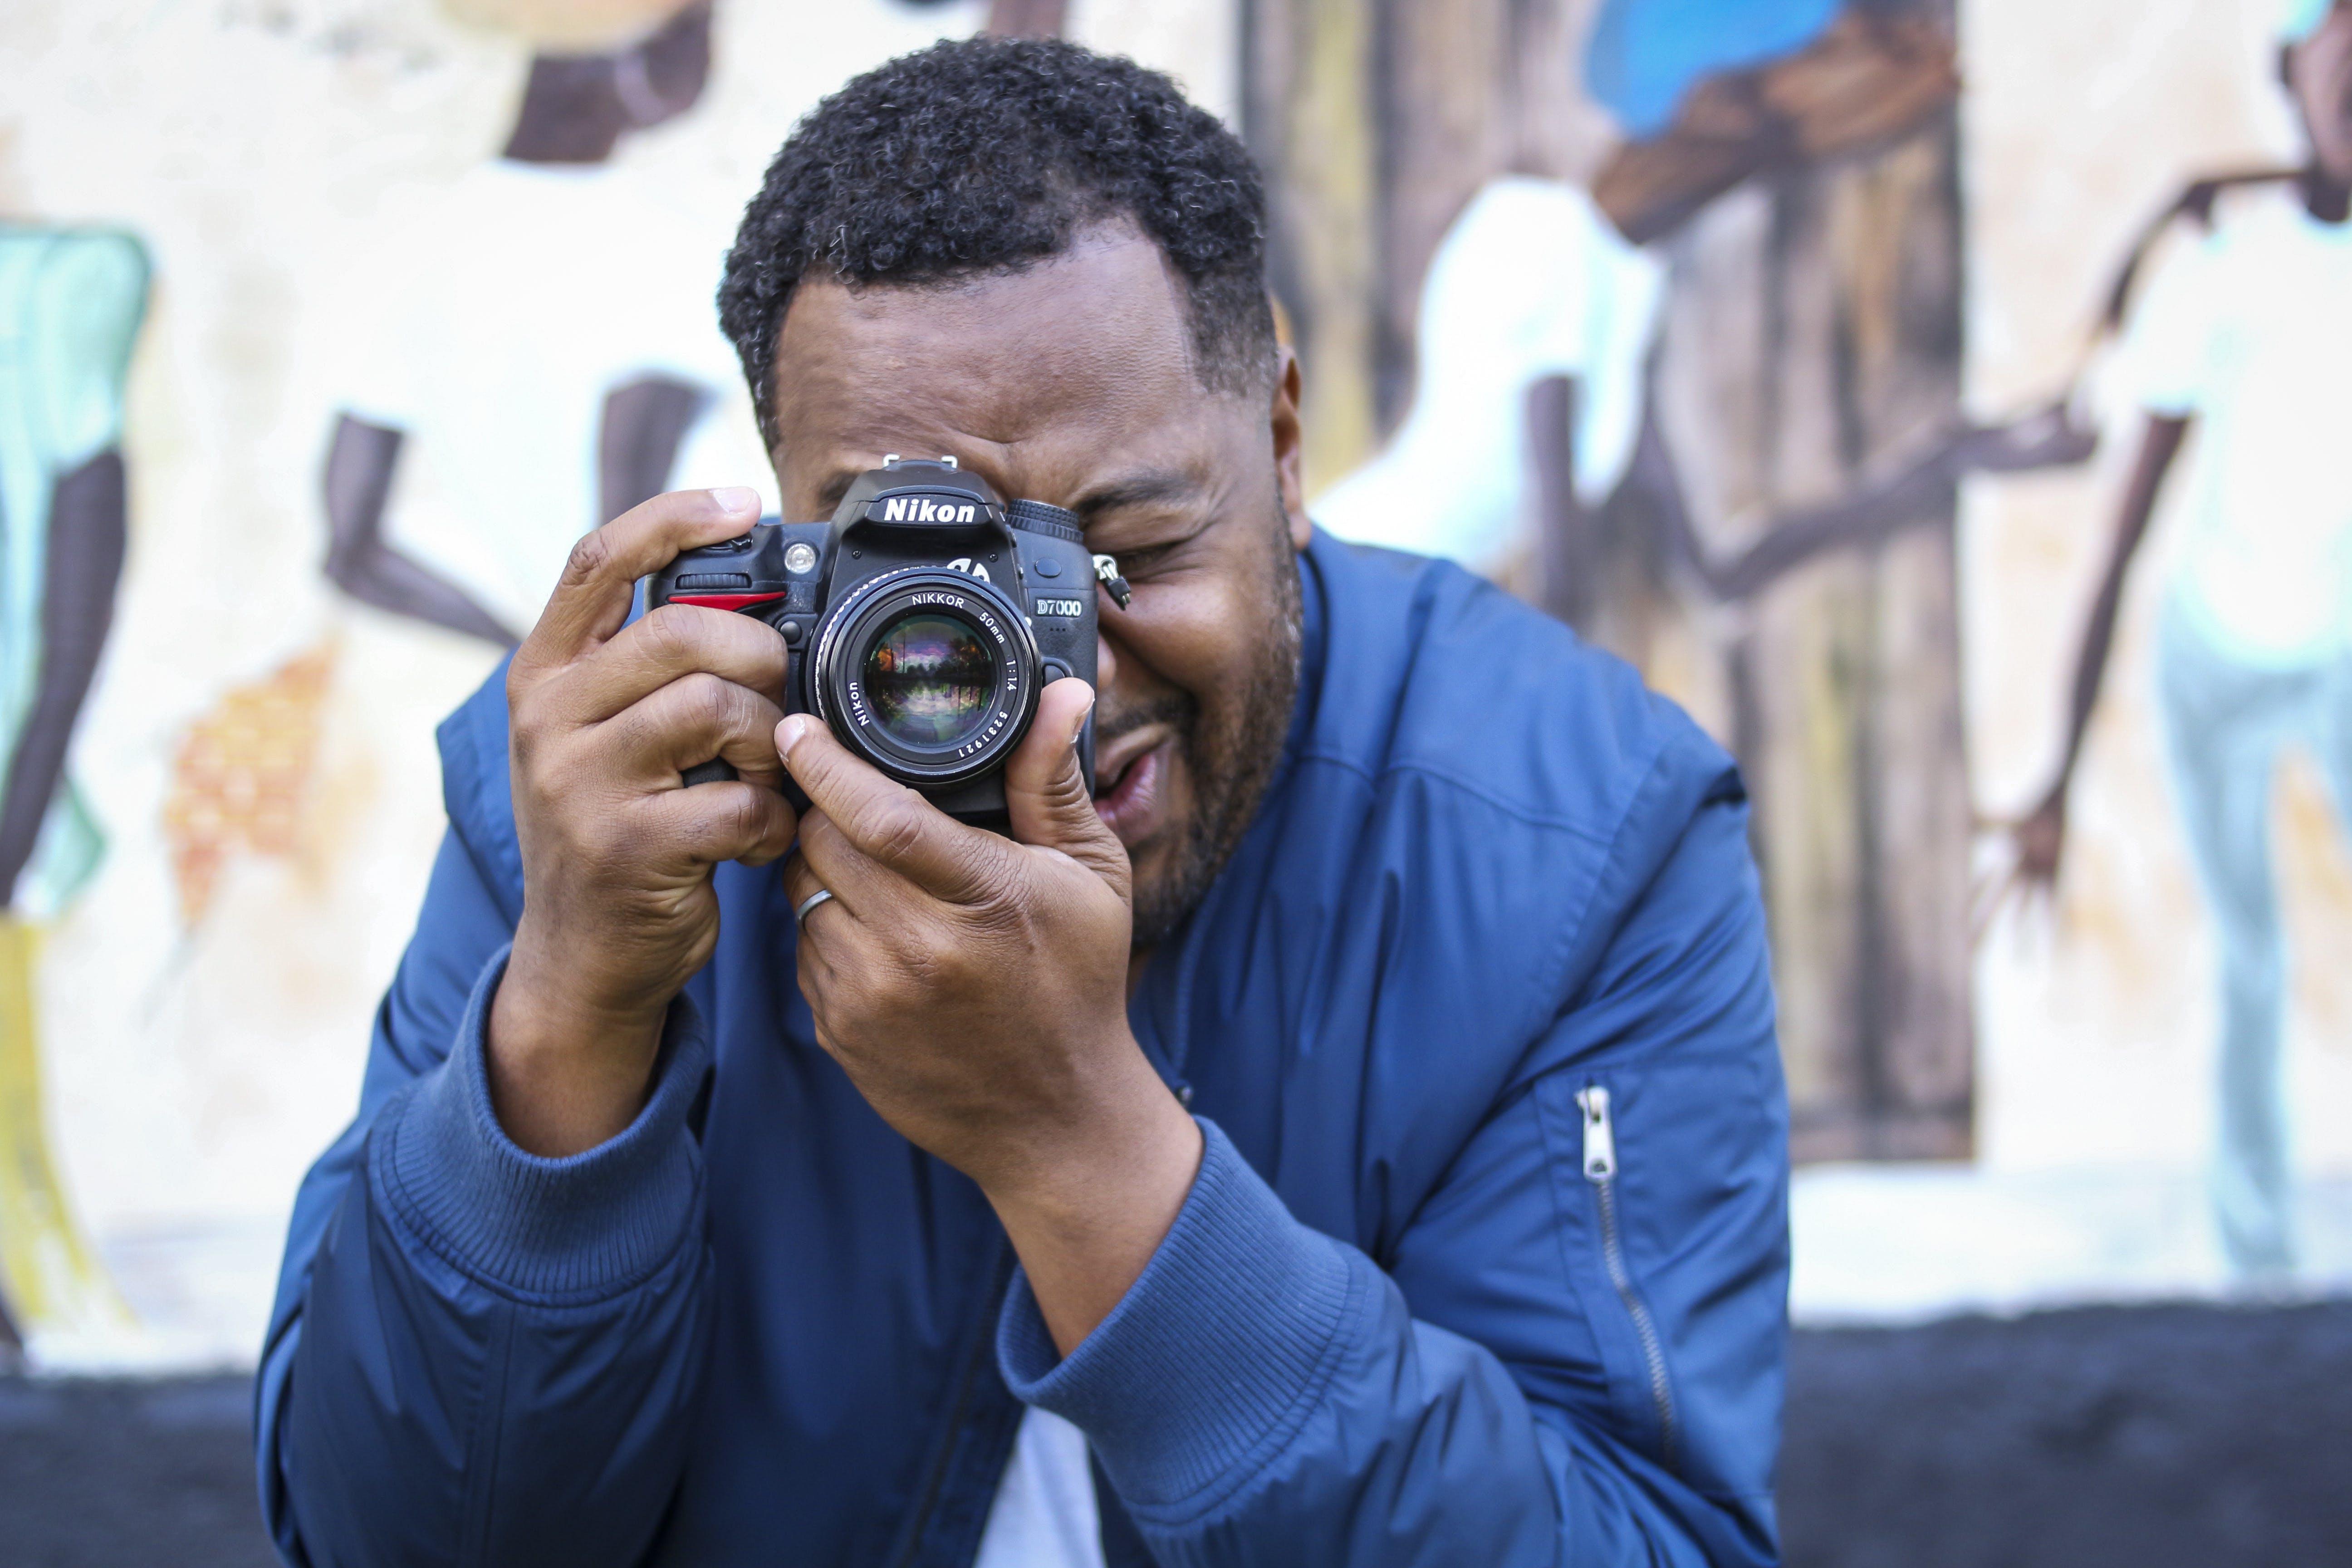 Photos gratuites de kareem hayes photographie, photographie de rue, séance photo